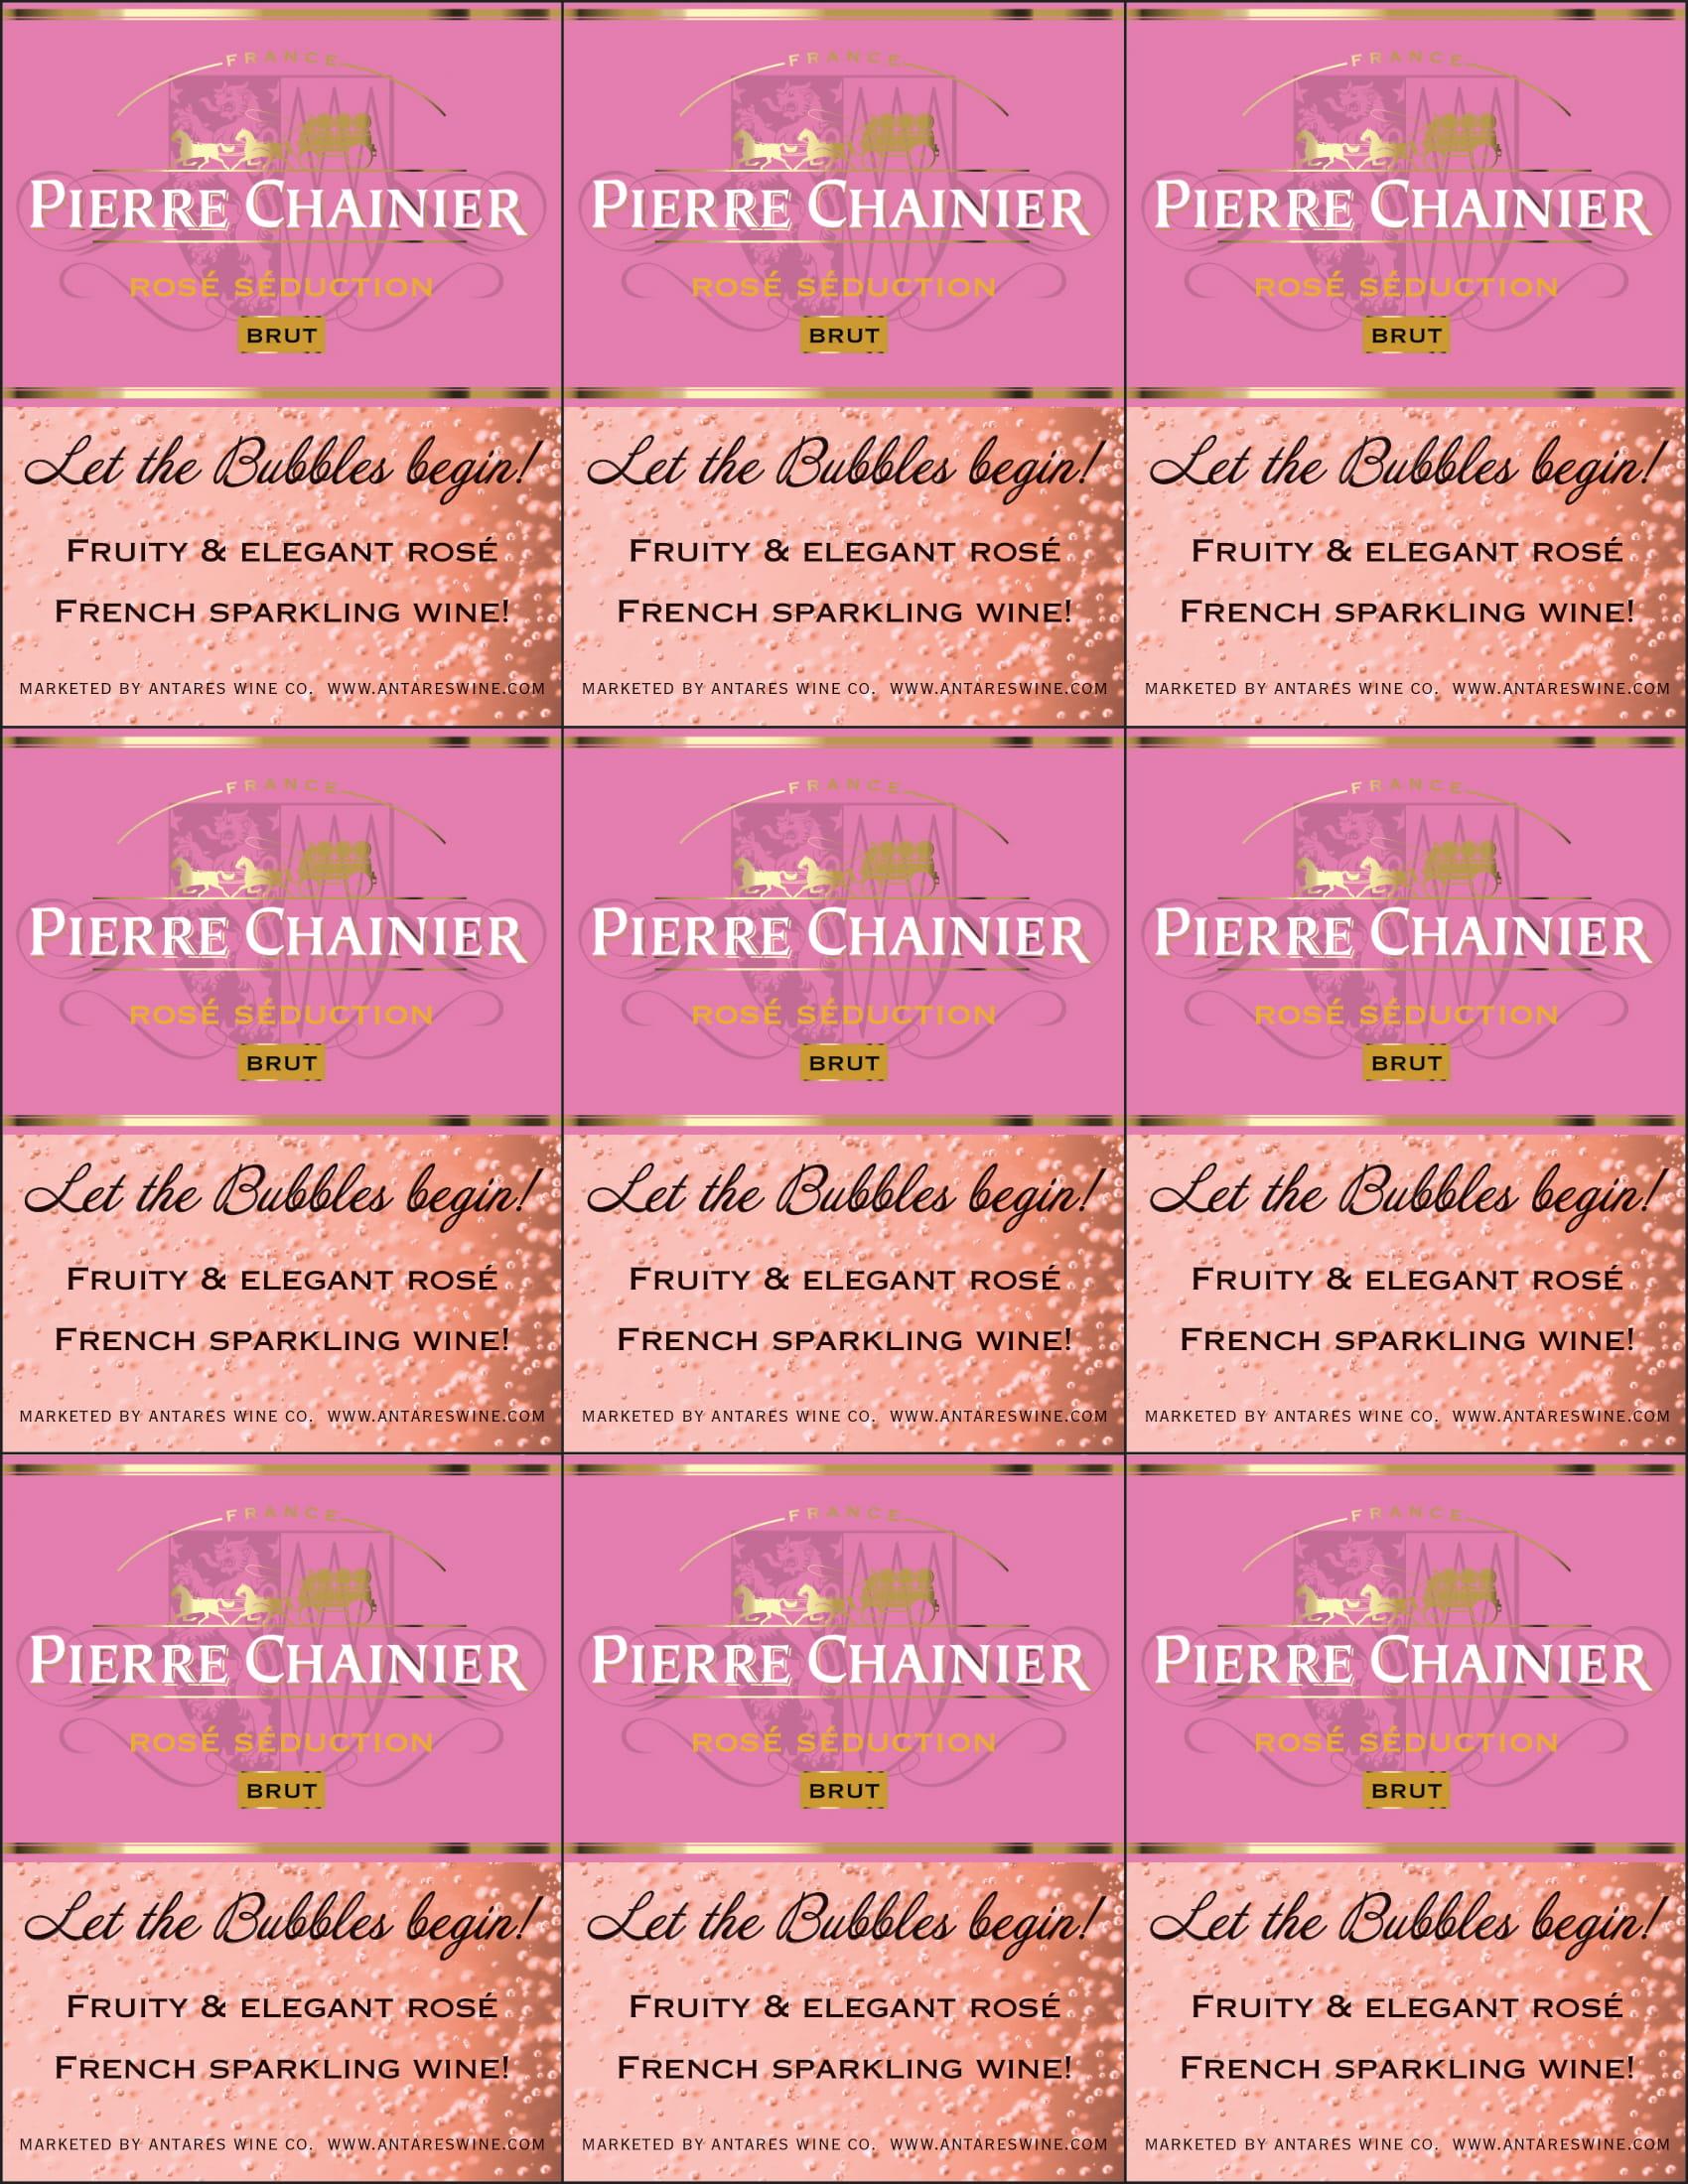 Pierre Chainier Sparkling Rose Shelf Talker